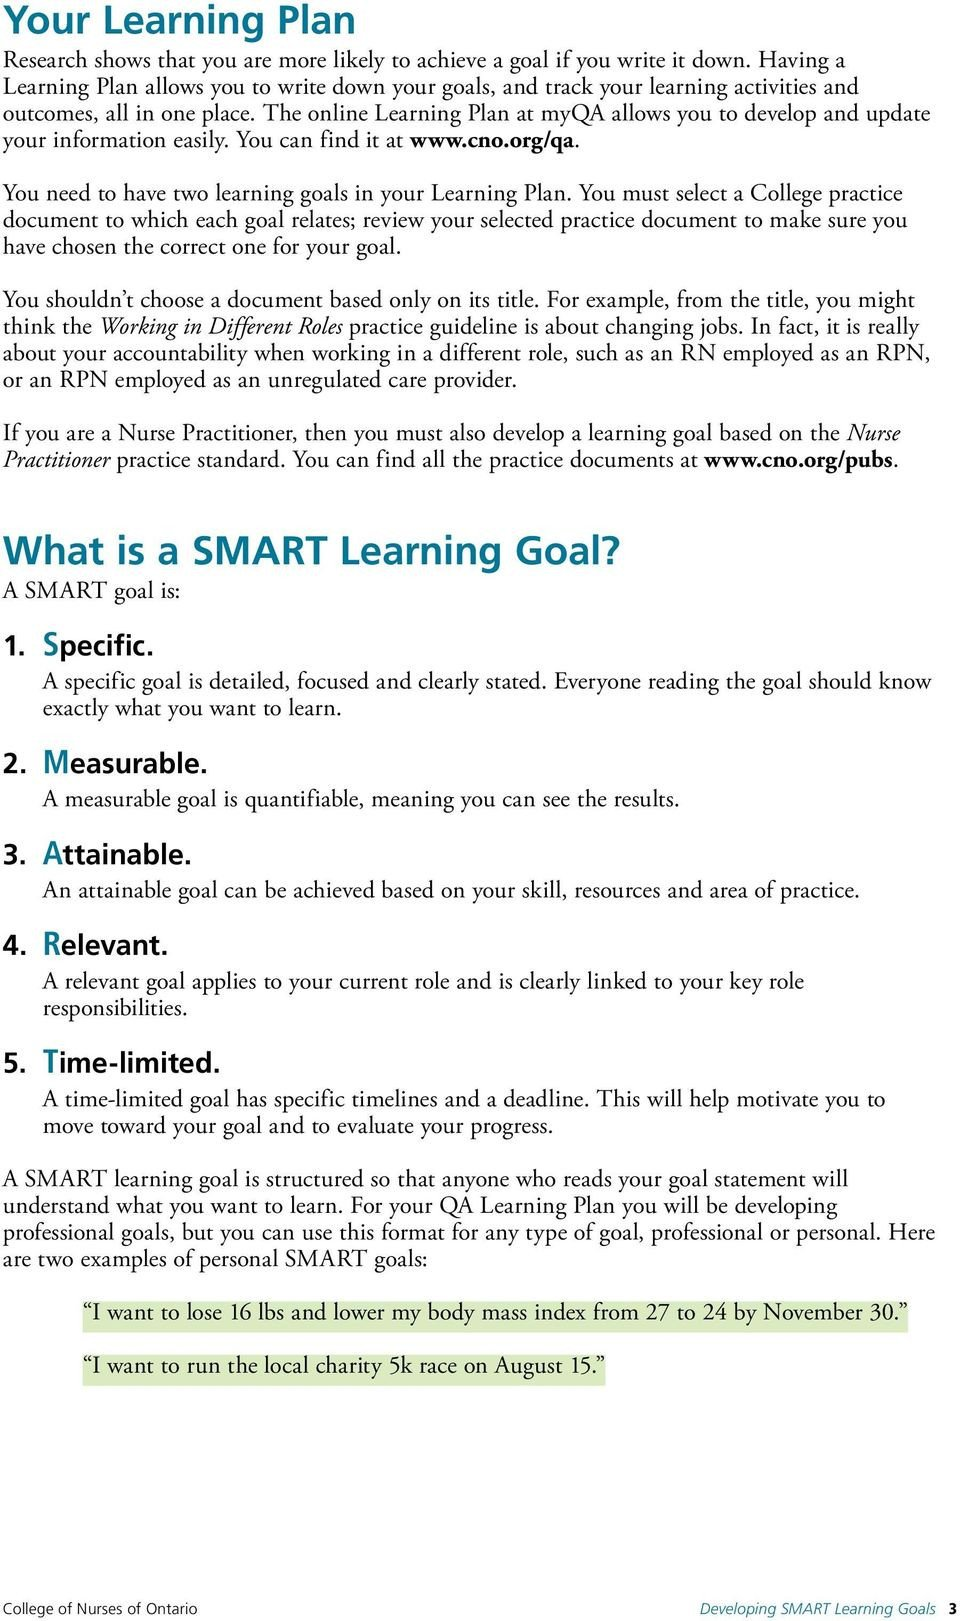 Smart Nursing Goals Examples 9 10 Personal Smart Goals Examples